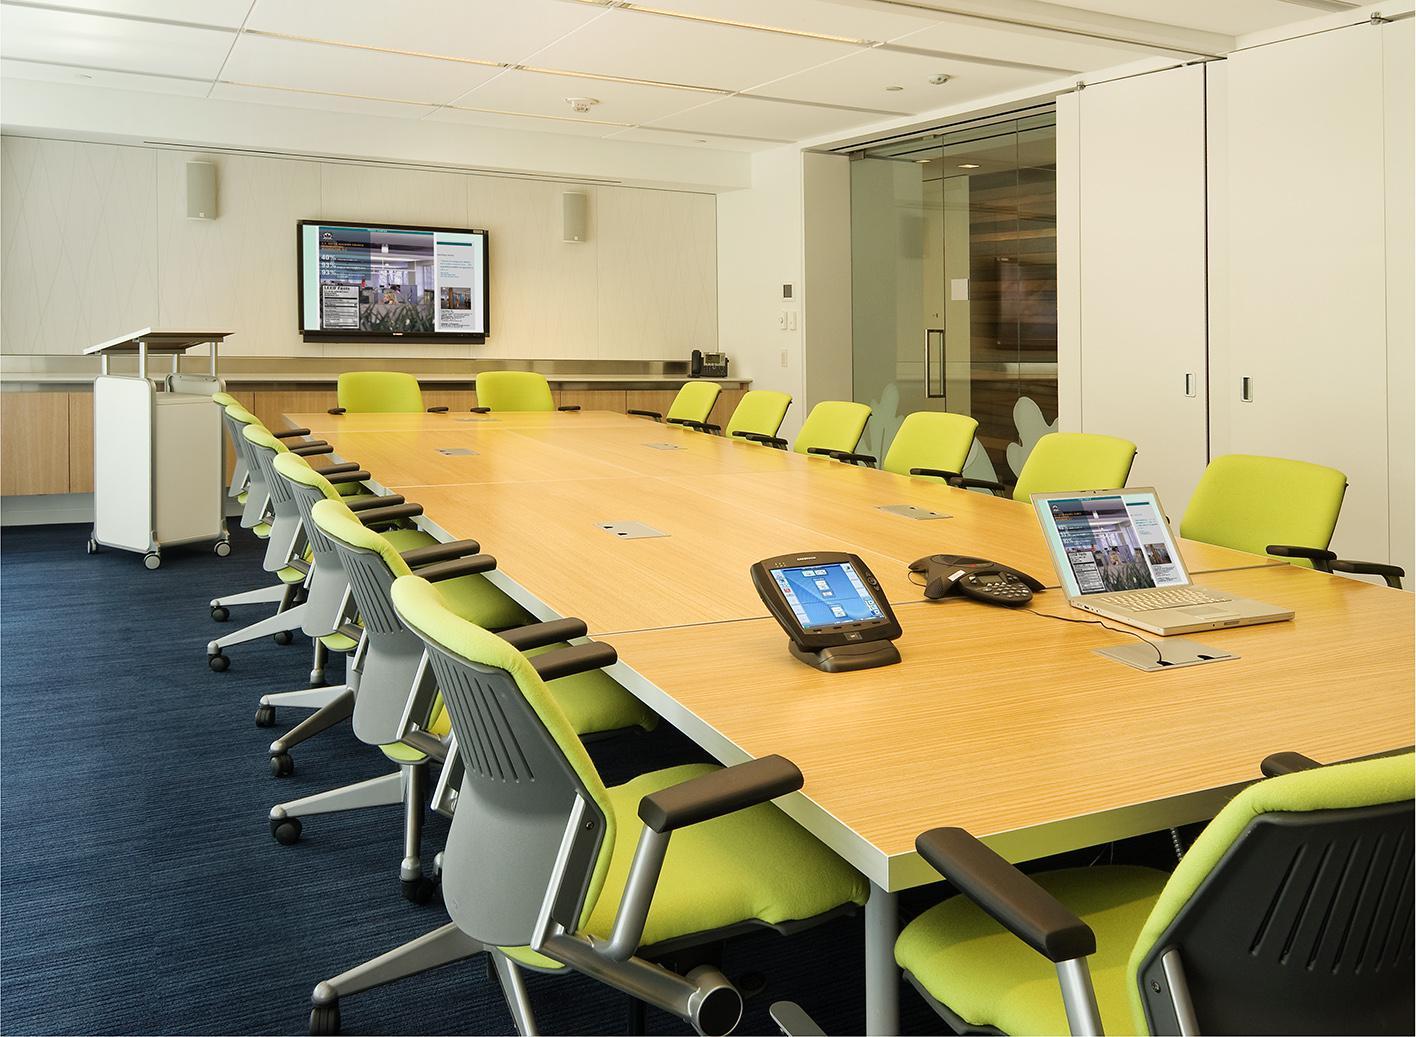 irodatakarítás előtér|irodatakrítás konferenciaterem